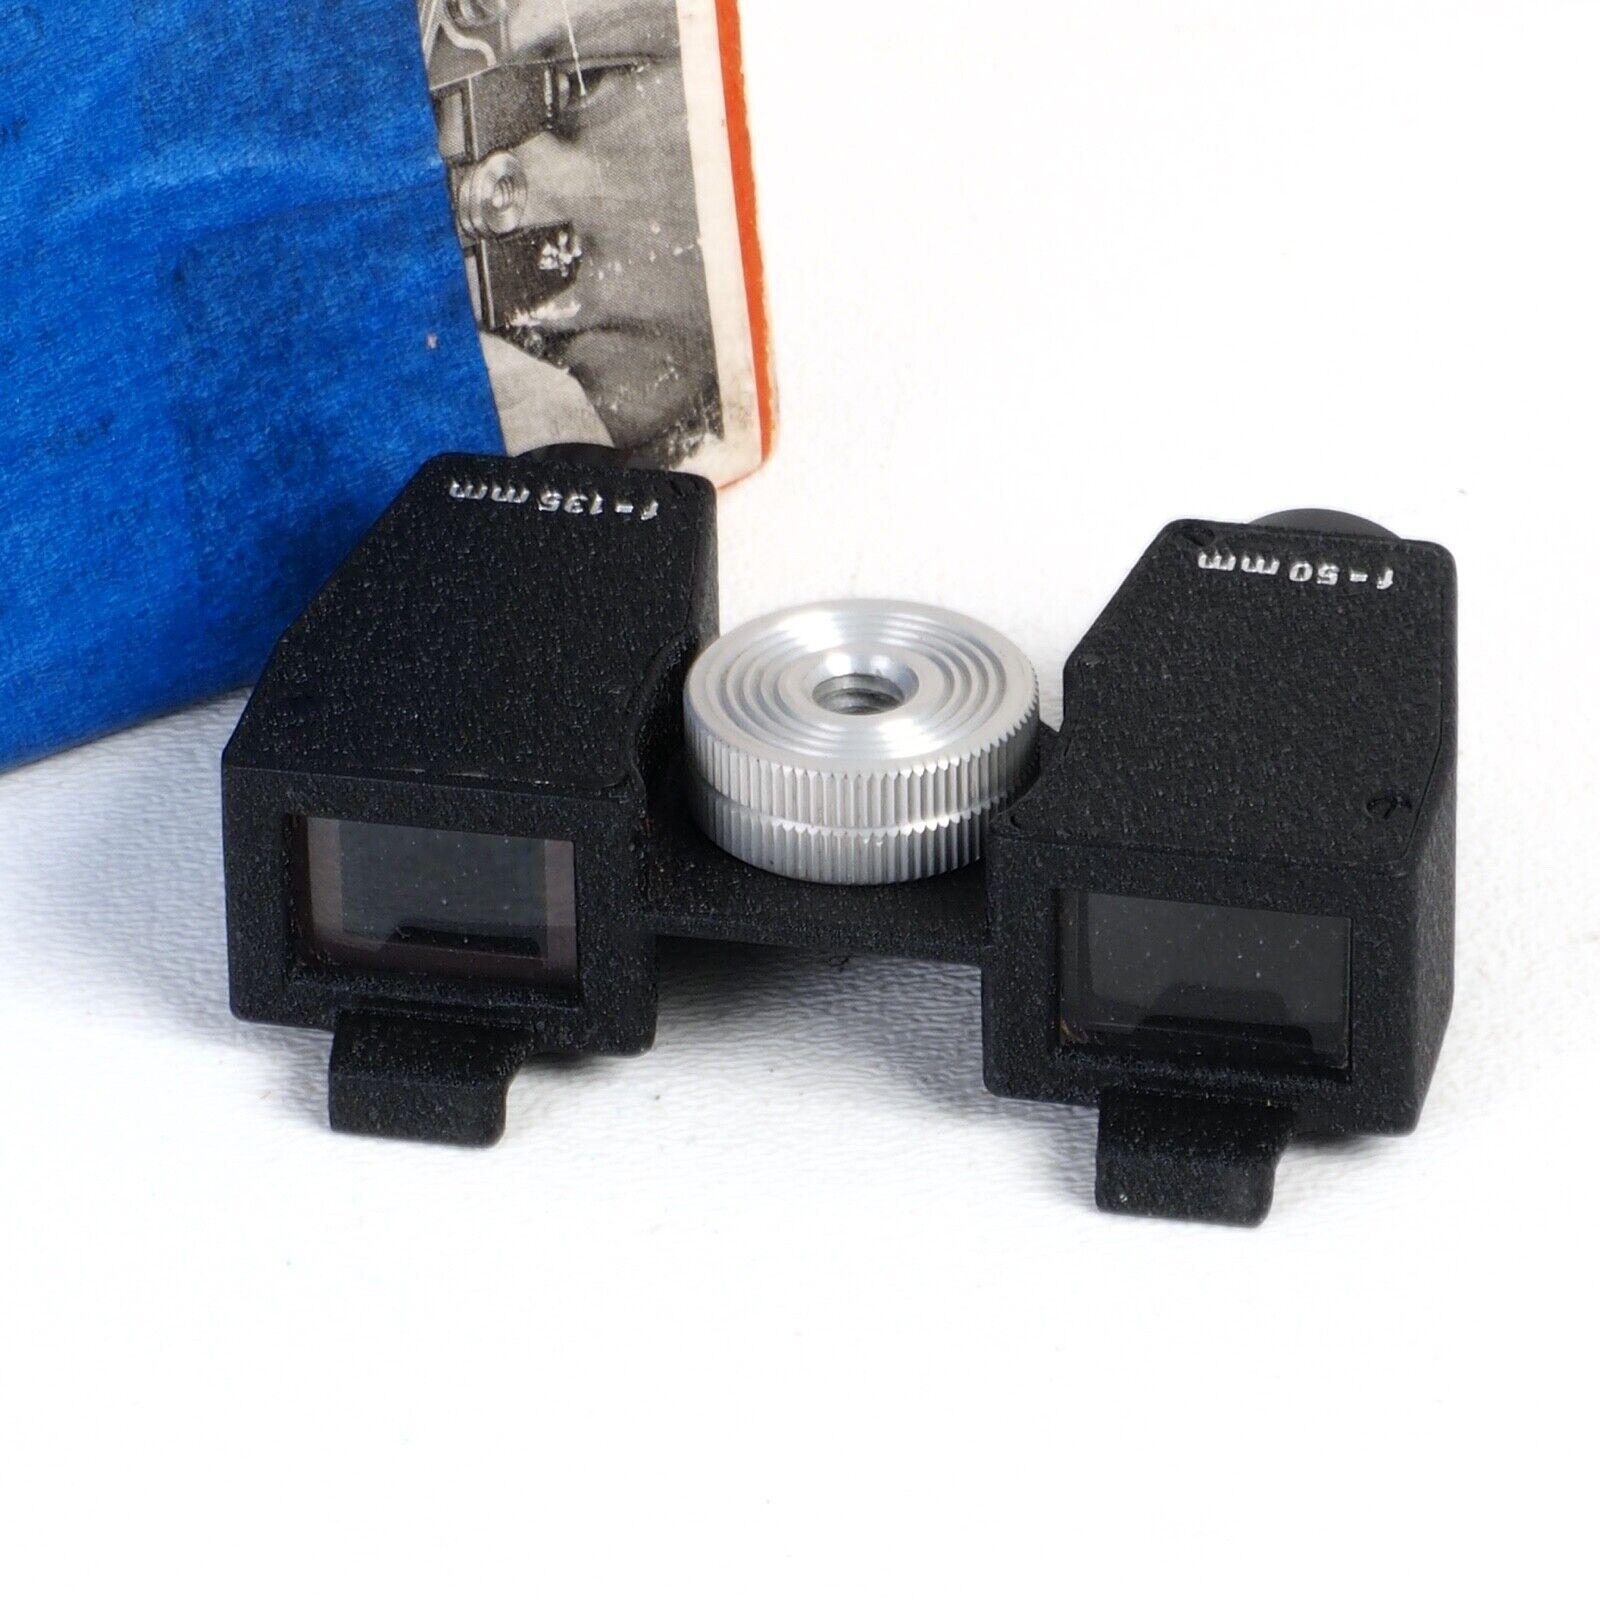 ^ Novoflex Double Viewfinder 50mm & 135mm for Exakta & Praktica Cameras w/ Box!